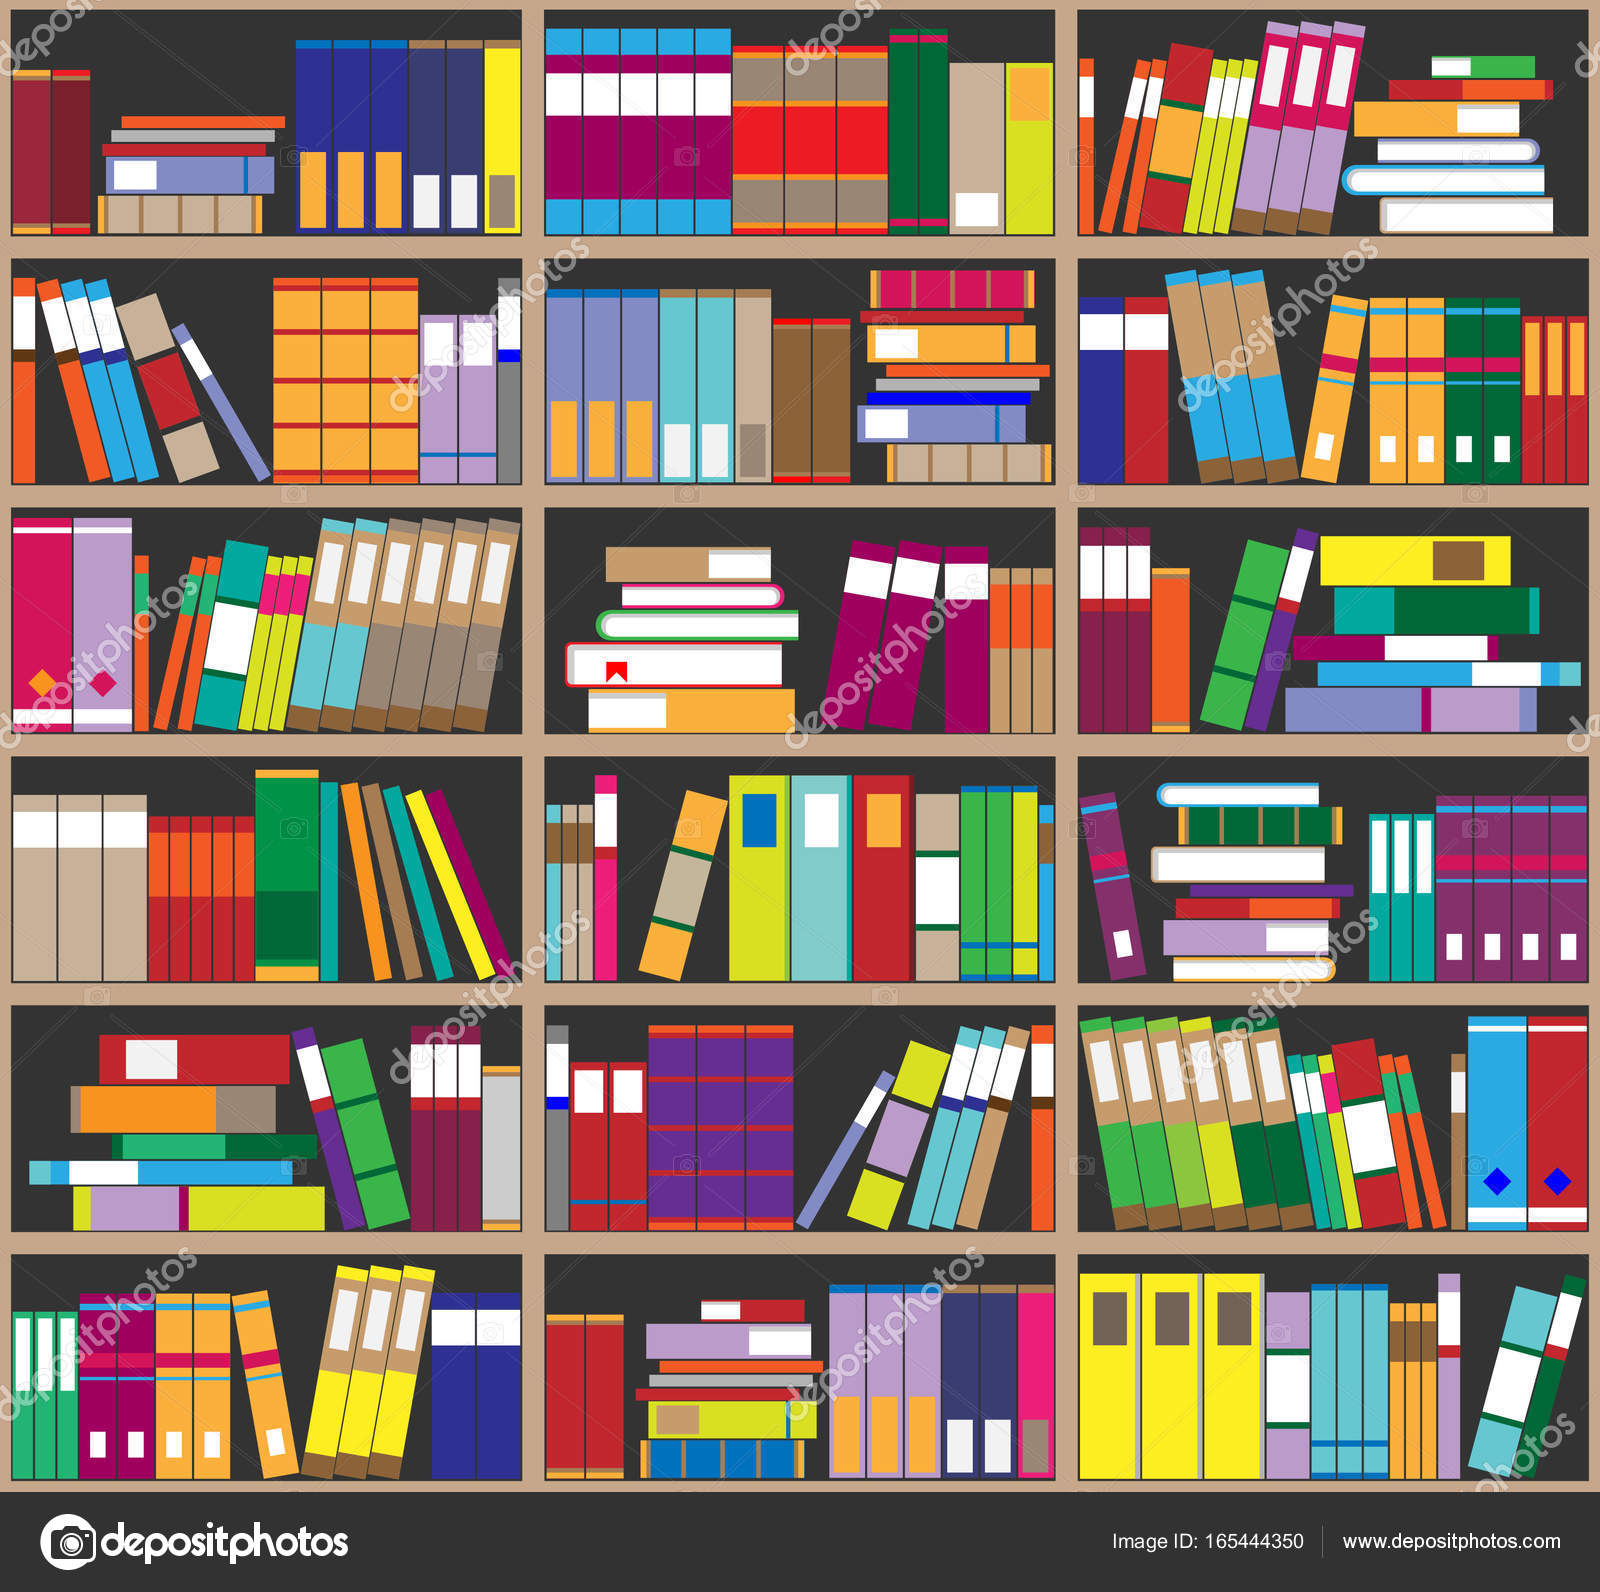 Fond De L Etagere Etageres Pleines De Livres Colores Accueil